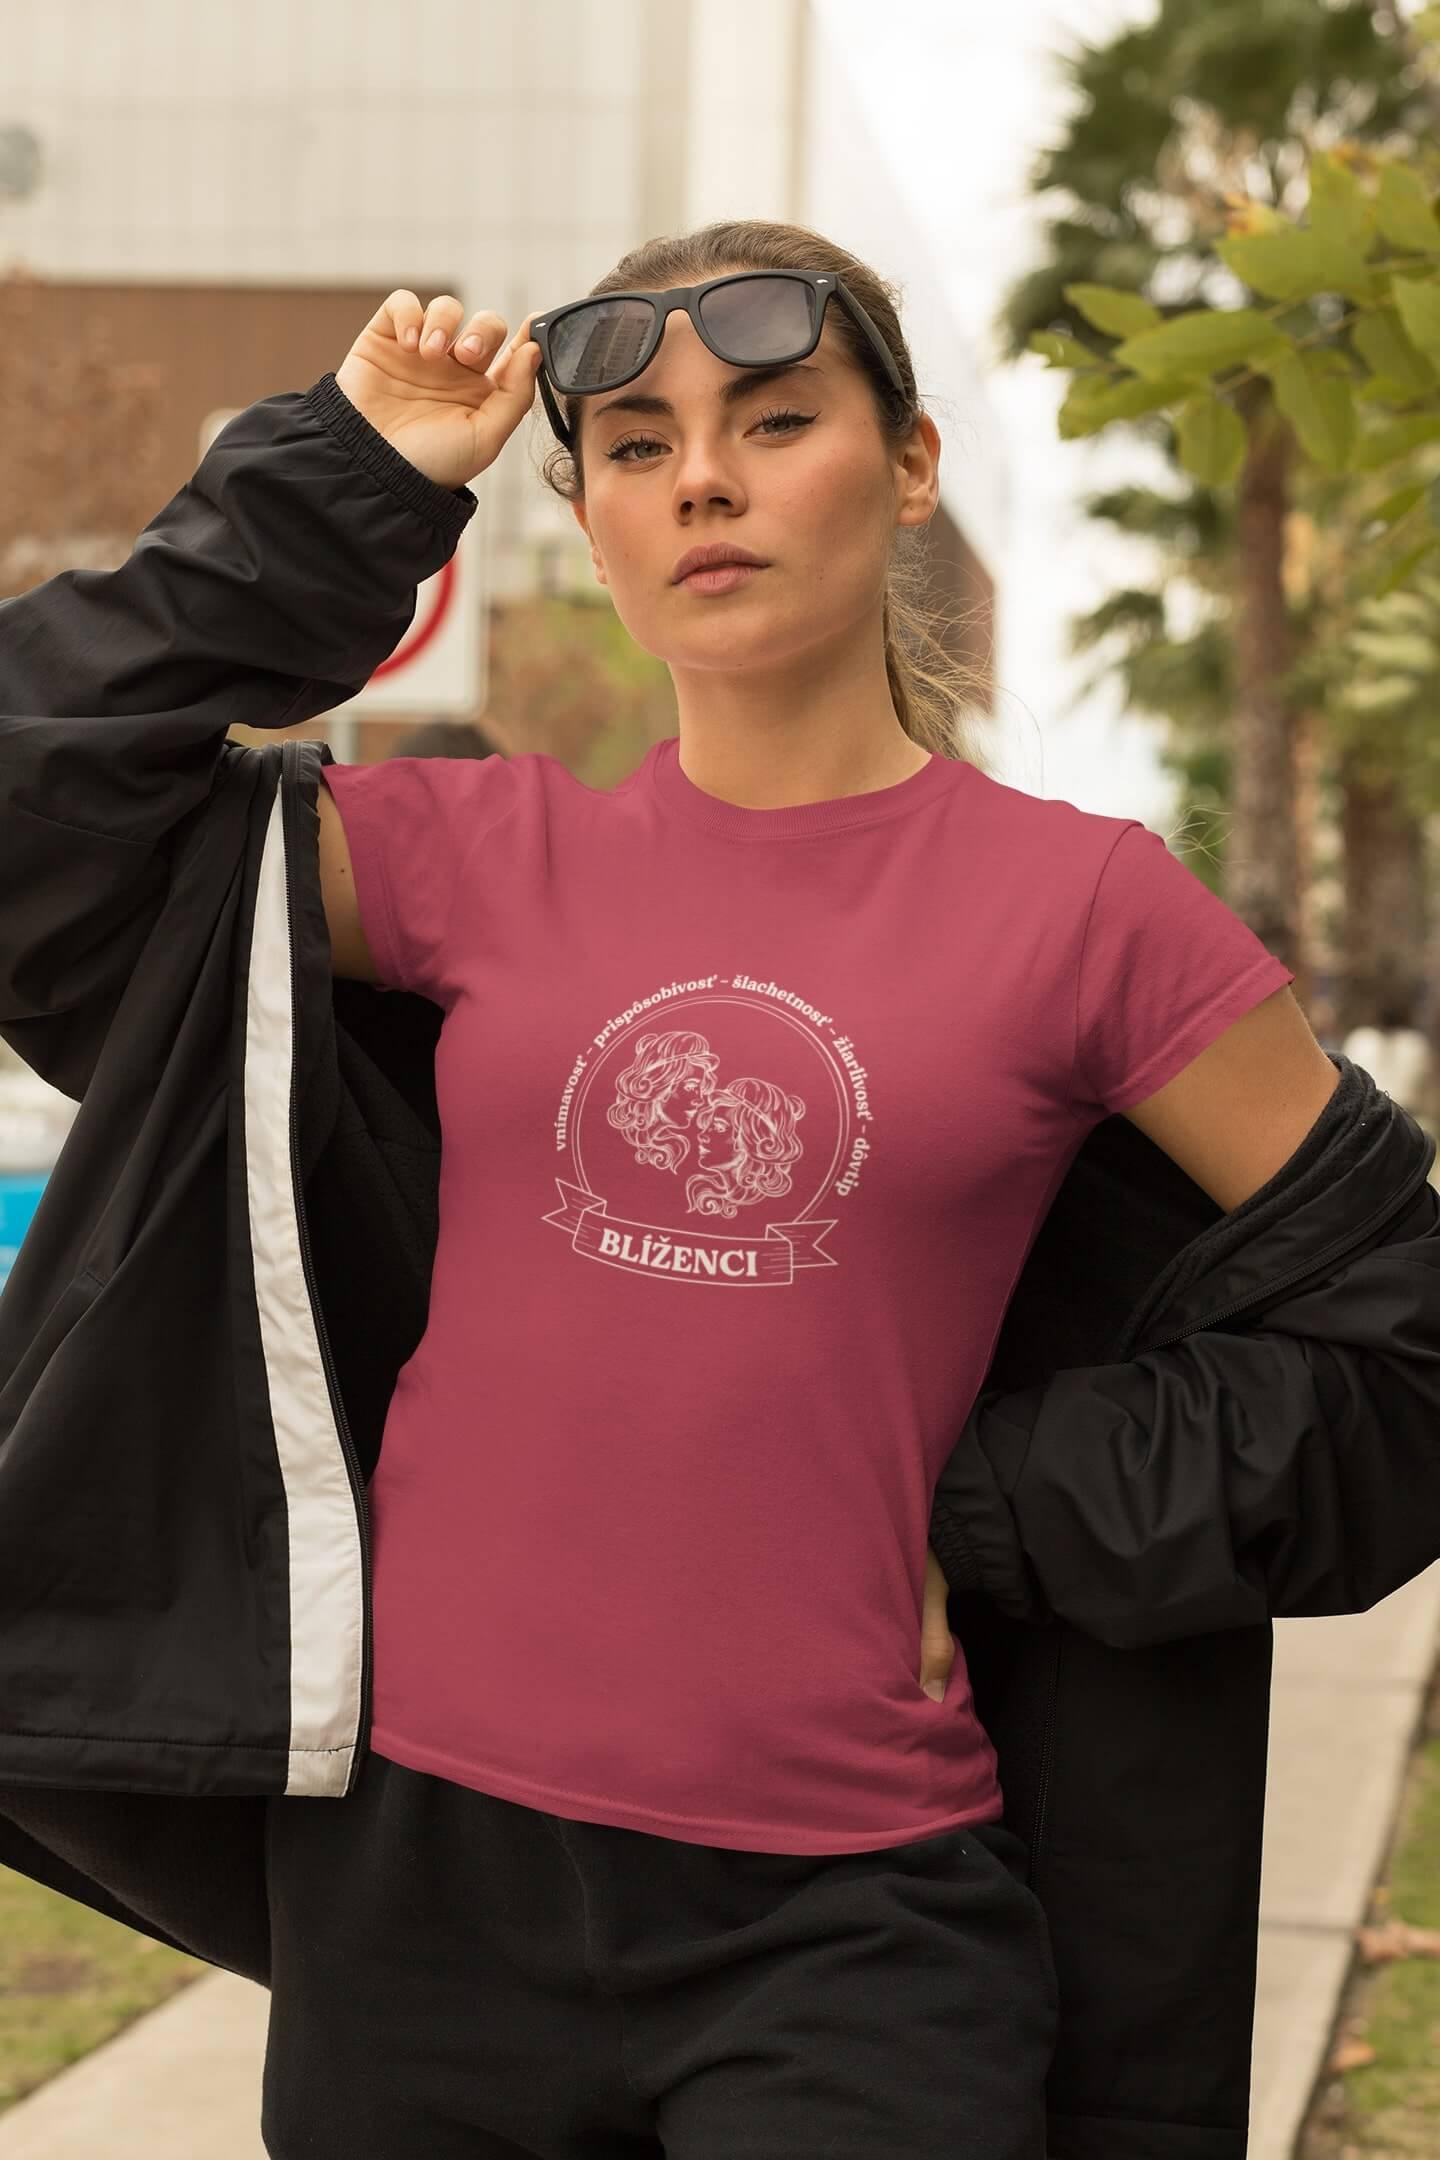 MMO Dámske tričko Blíženci Vyberte farbu: Purpurová, Vyberte veľkosť: XS